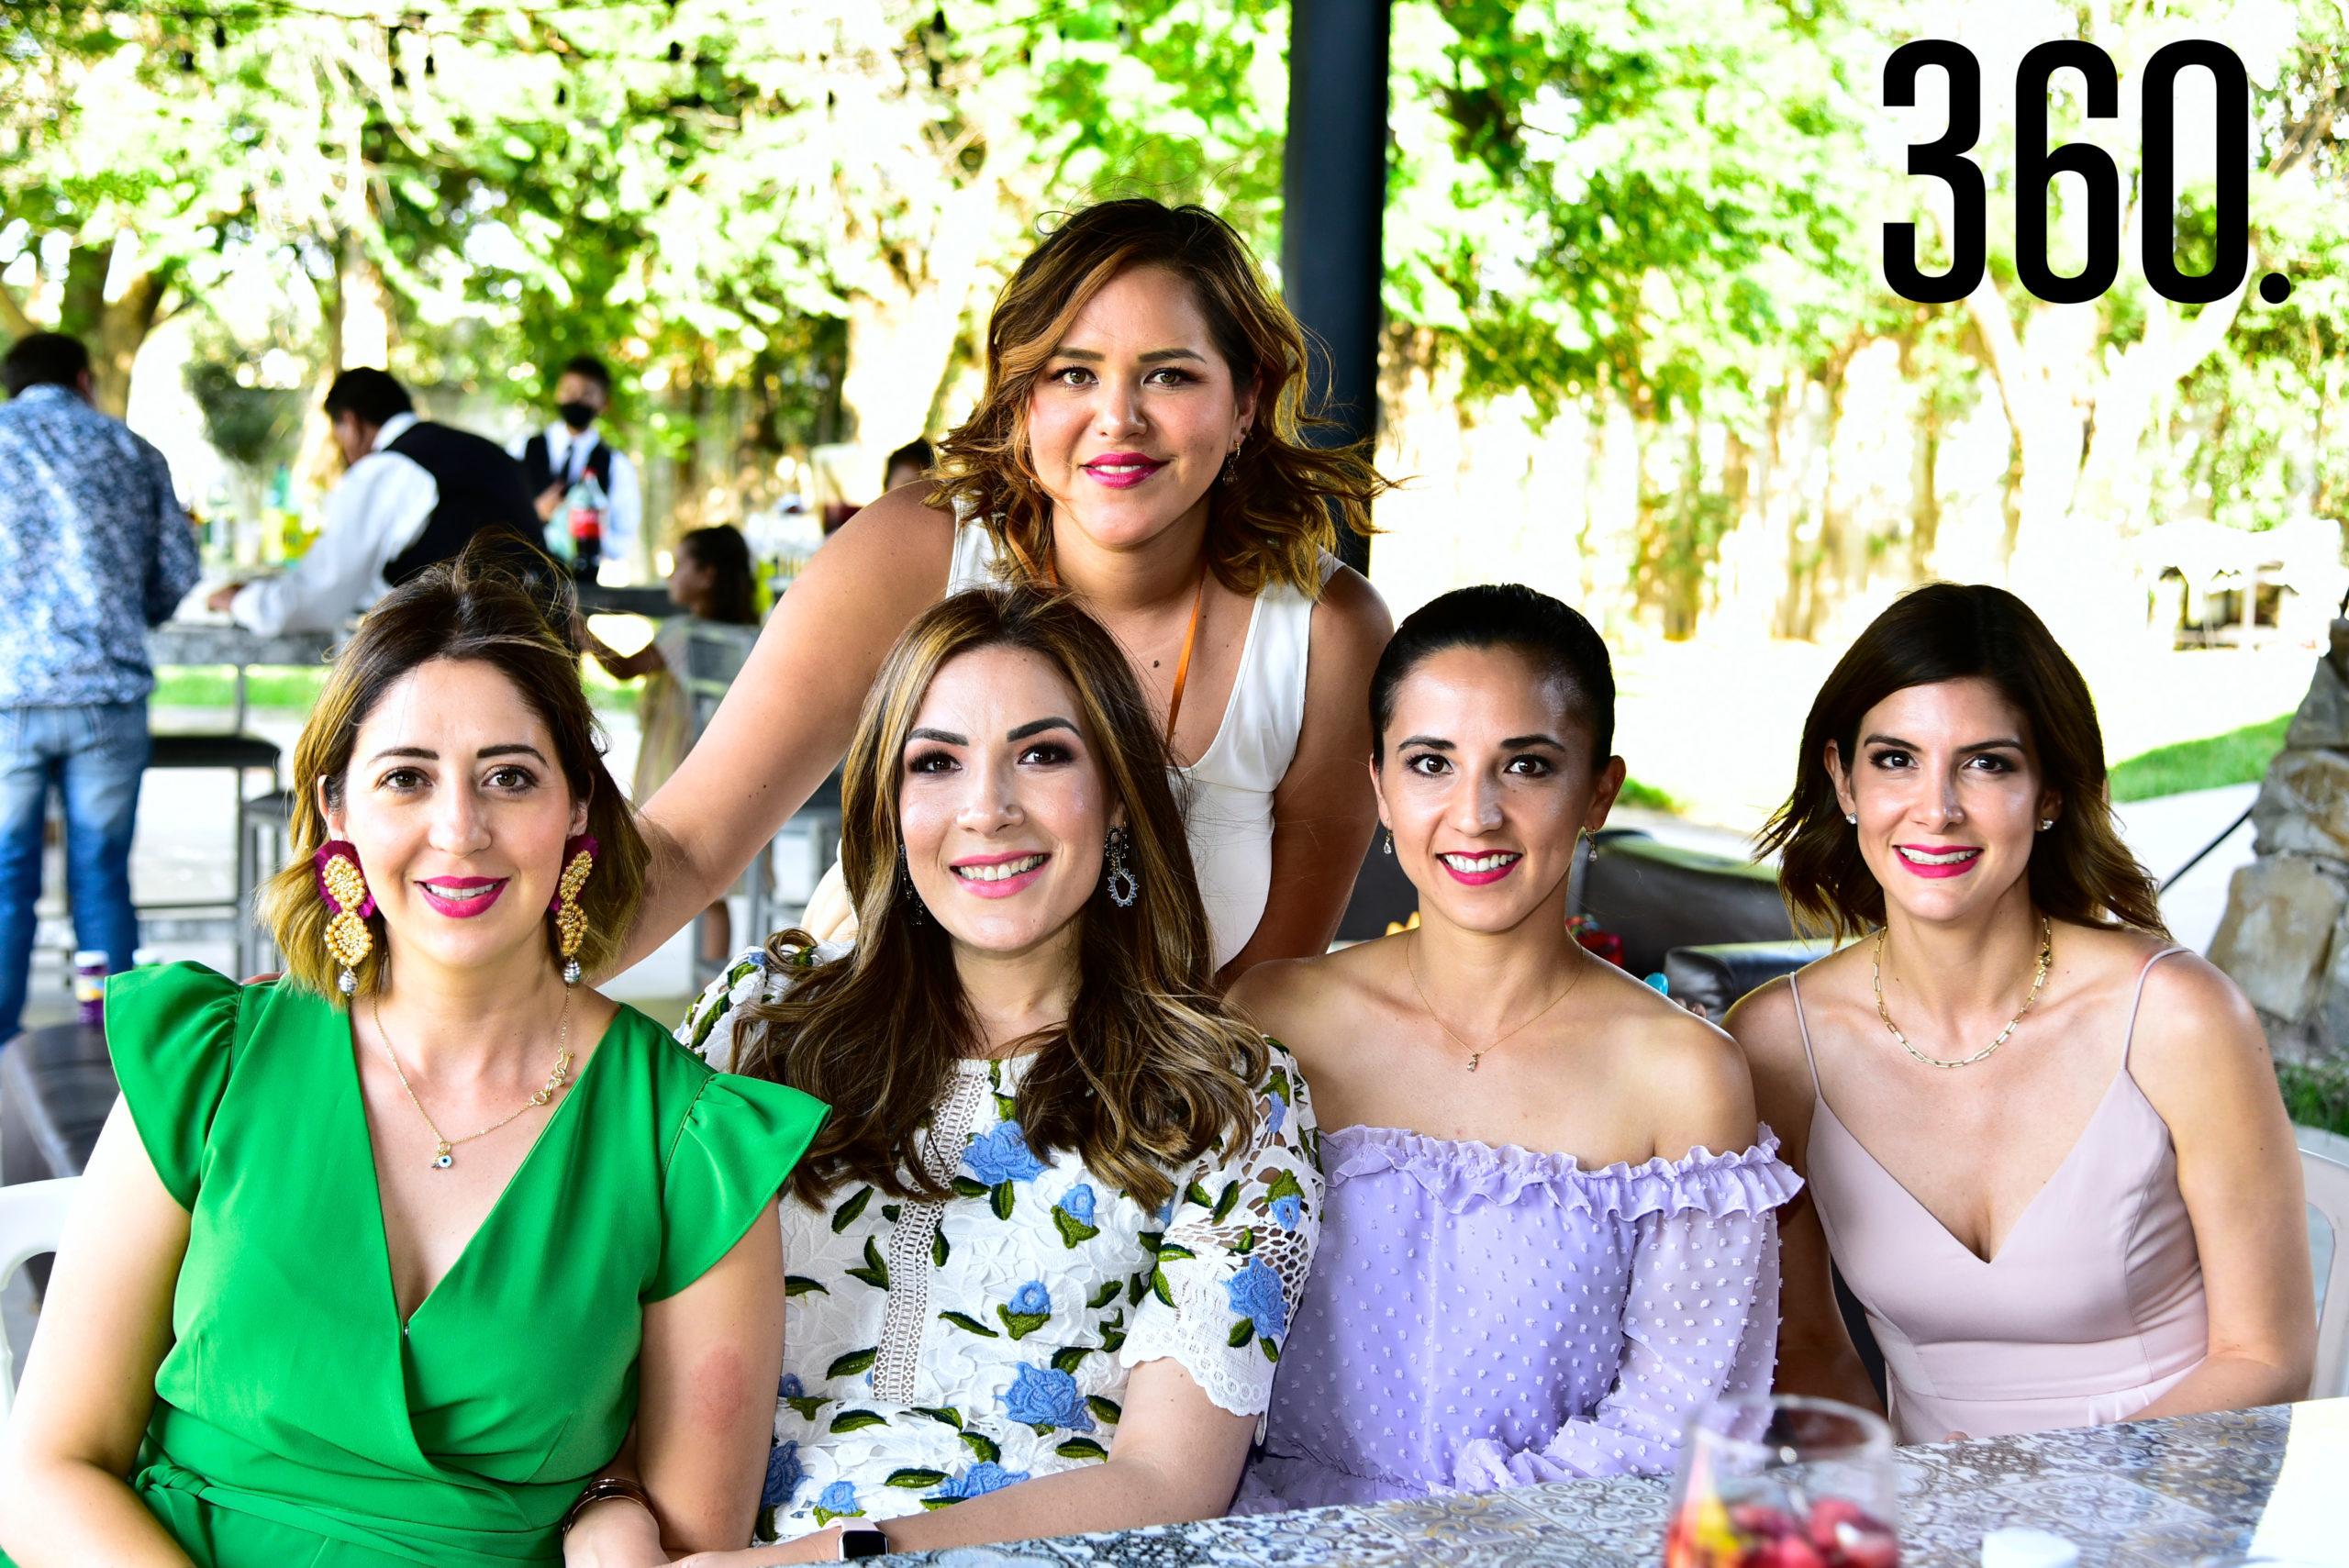 Nicte Guerrero, Yussel Lozano, Beatriz Carrillo, Wendy Castañeda y Adriana Rodríguez.